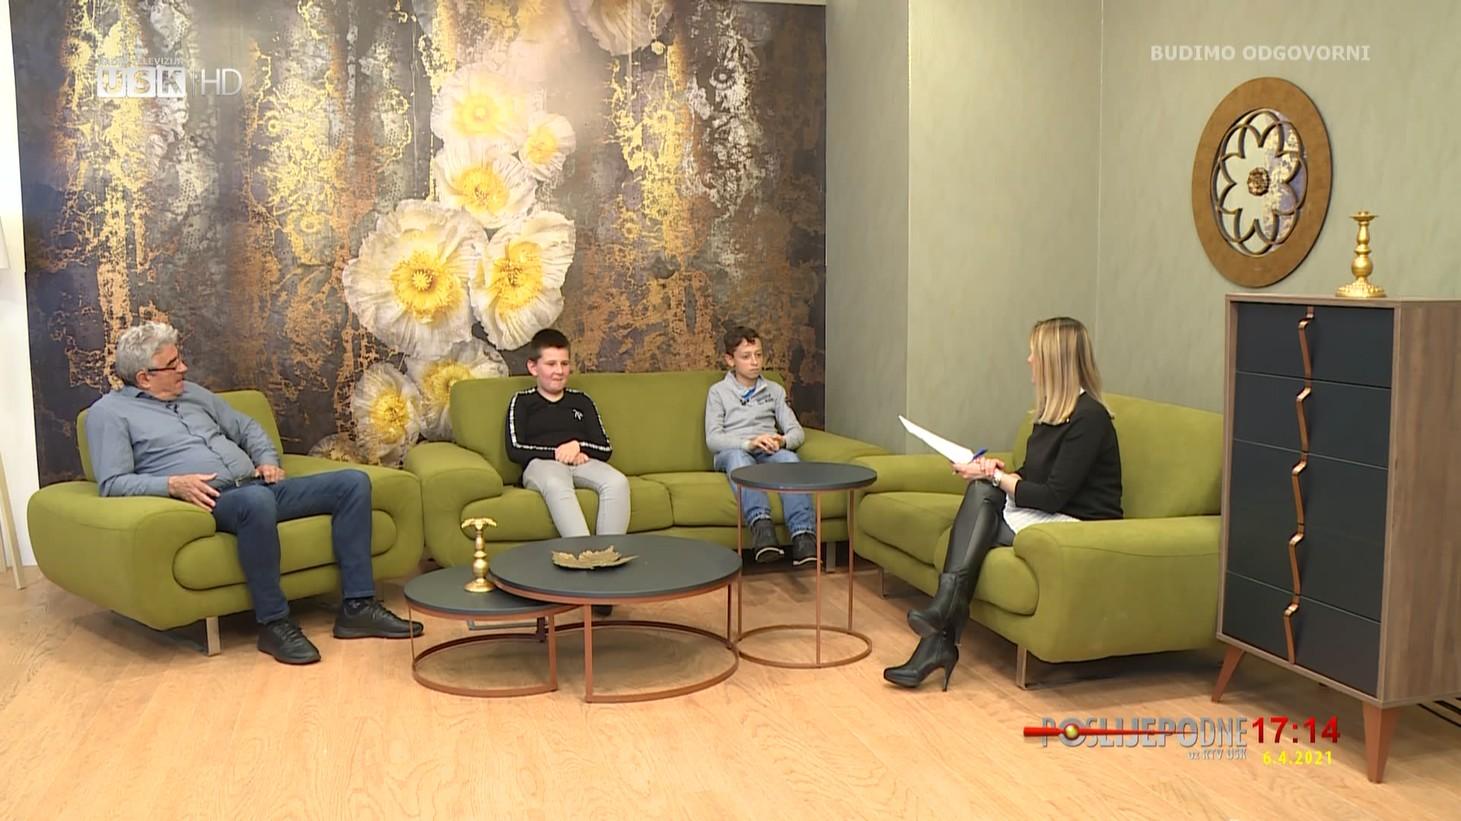 POSLIJEPODNE UZ RTV USK: GOSTI ALDIN ŠEHIĆ, MUHAMED RAMIĆ I KASIM SEFEROVIĆ